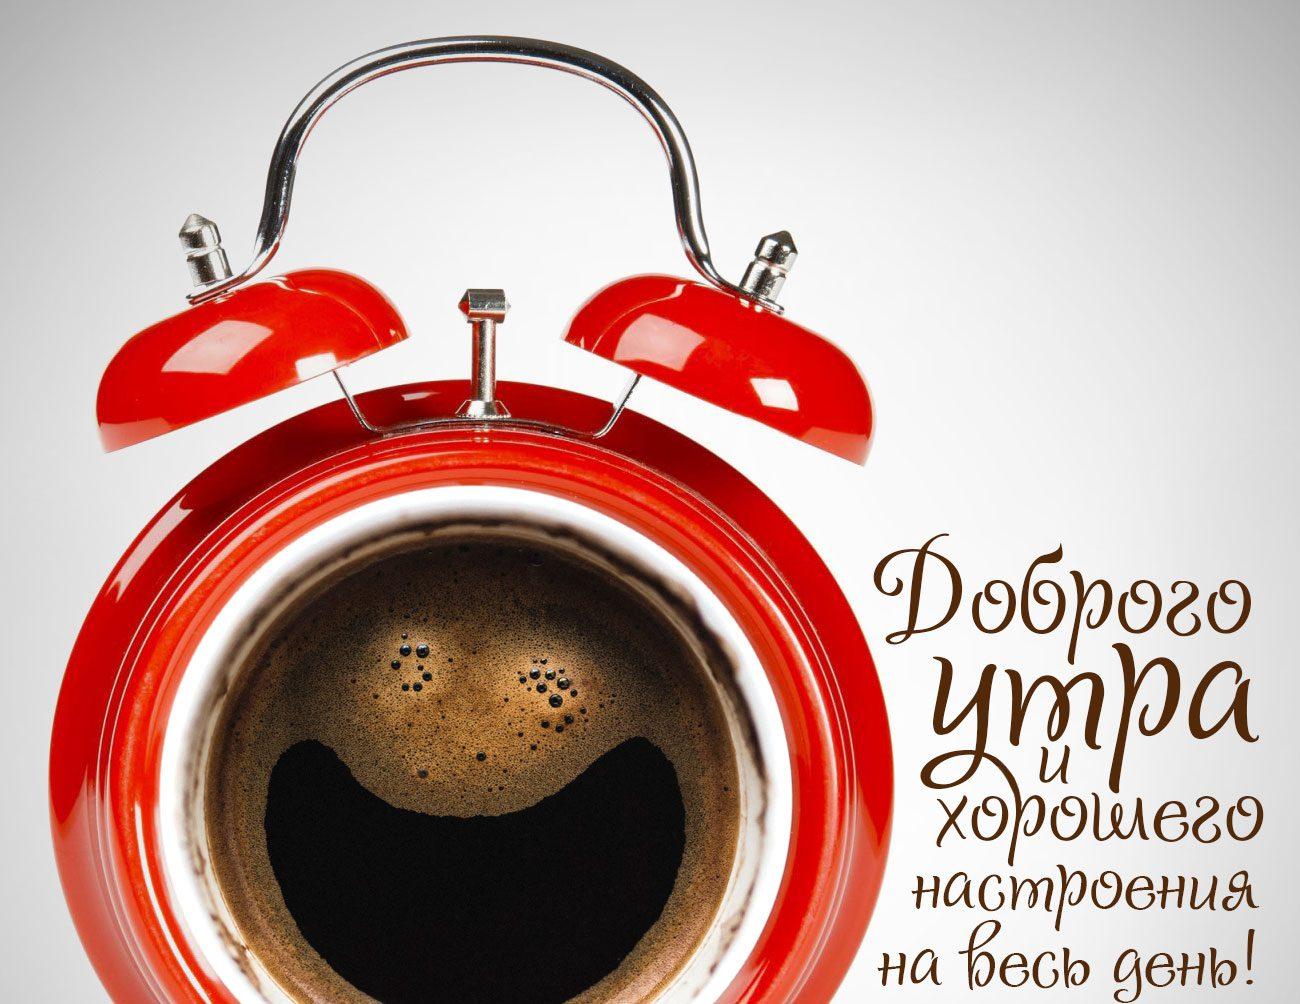 Фото доброе утро и хорошего настроения для мужчины (11)